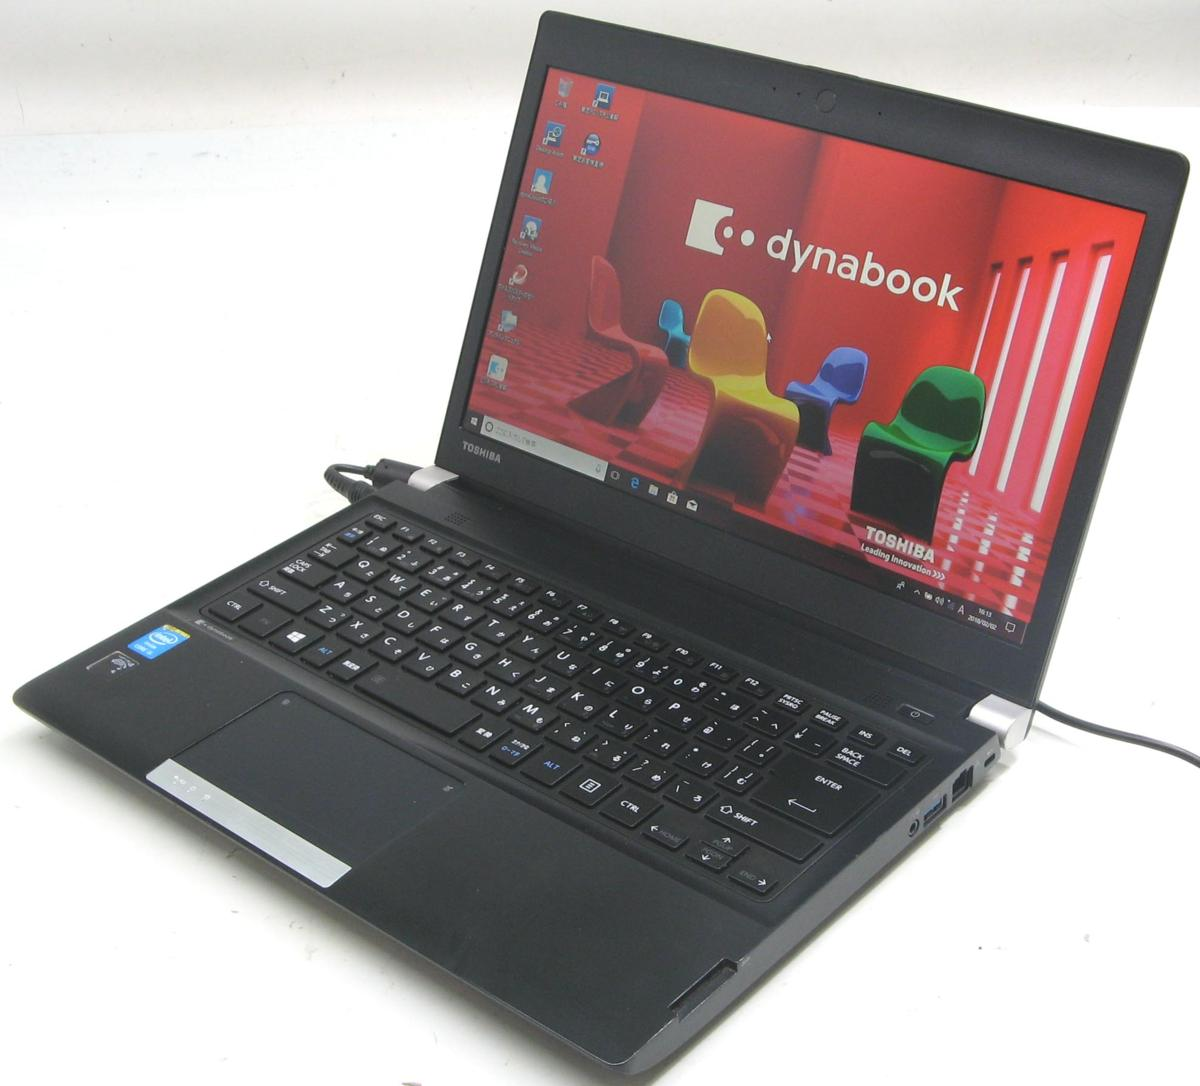 中古ノートパソコン 東芝 dynabook R734/K PR734KAA137AD71(東芝 Windows10 Corei5 HDMI出力端子)【中古】【中古パソコン/中古PC】